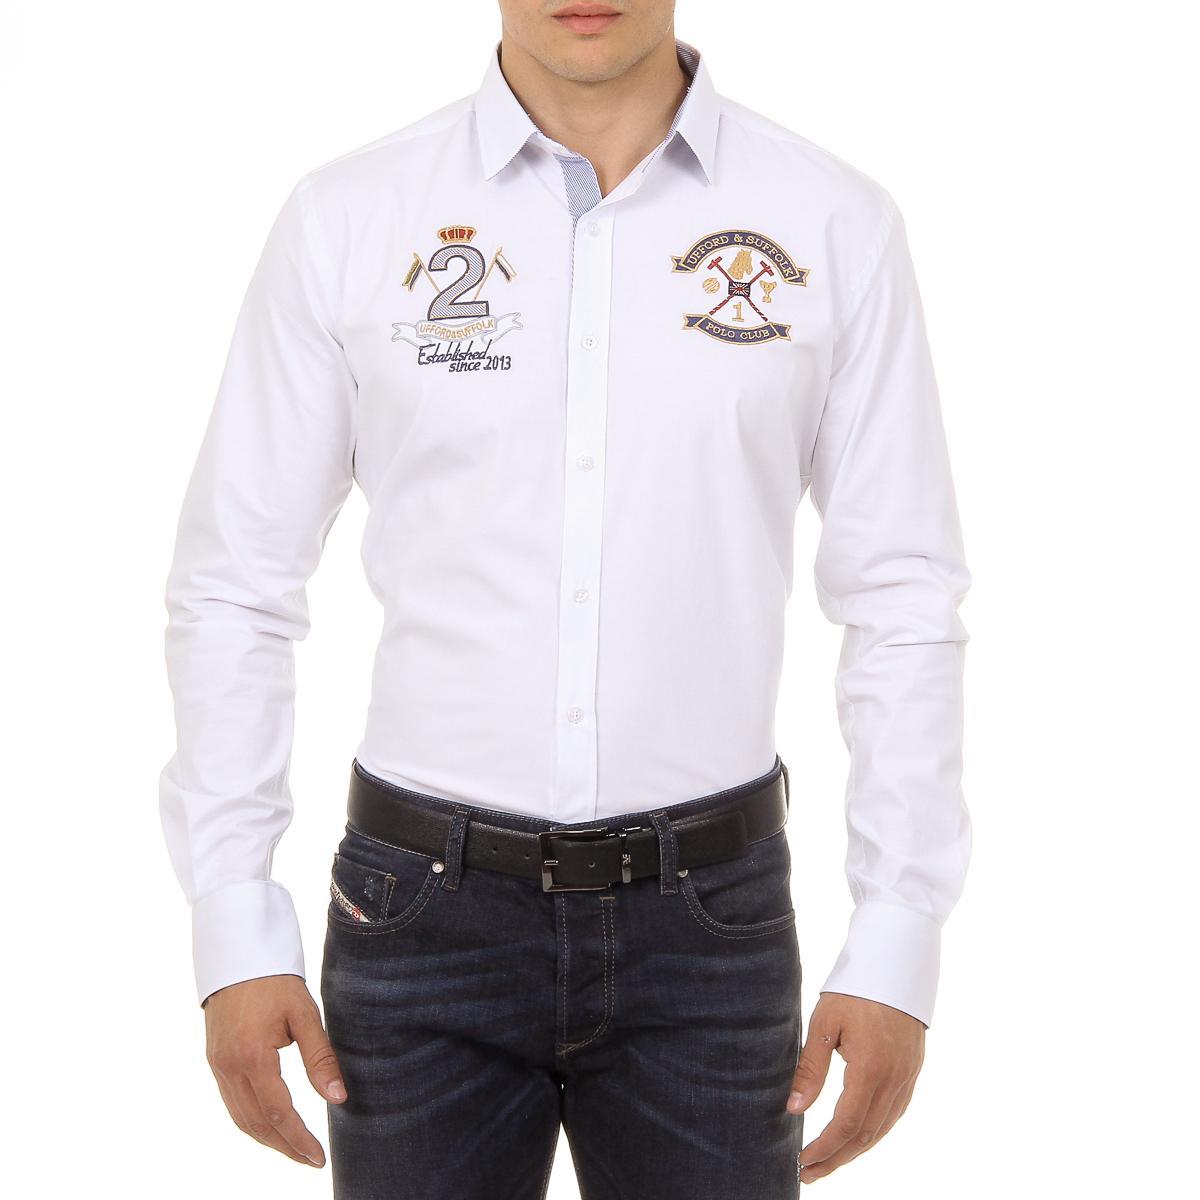 3 4 sleeve silk saree blouse designs ufford u suffolk polo club mens shirt long sleeves us white